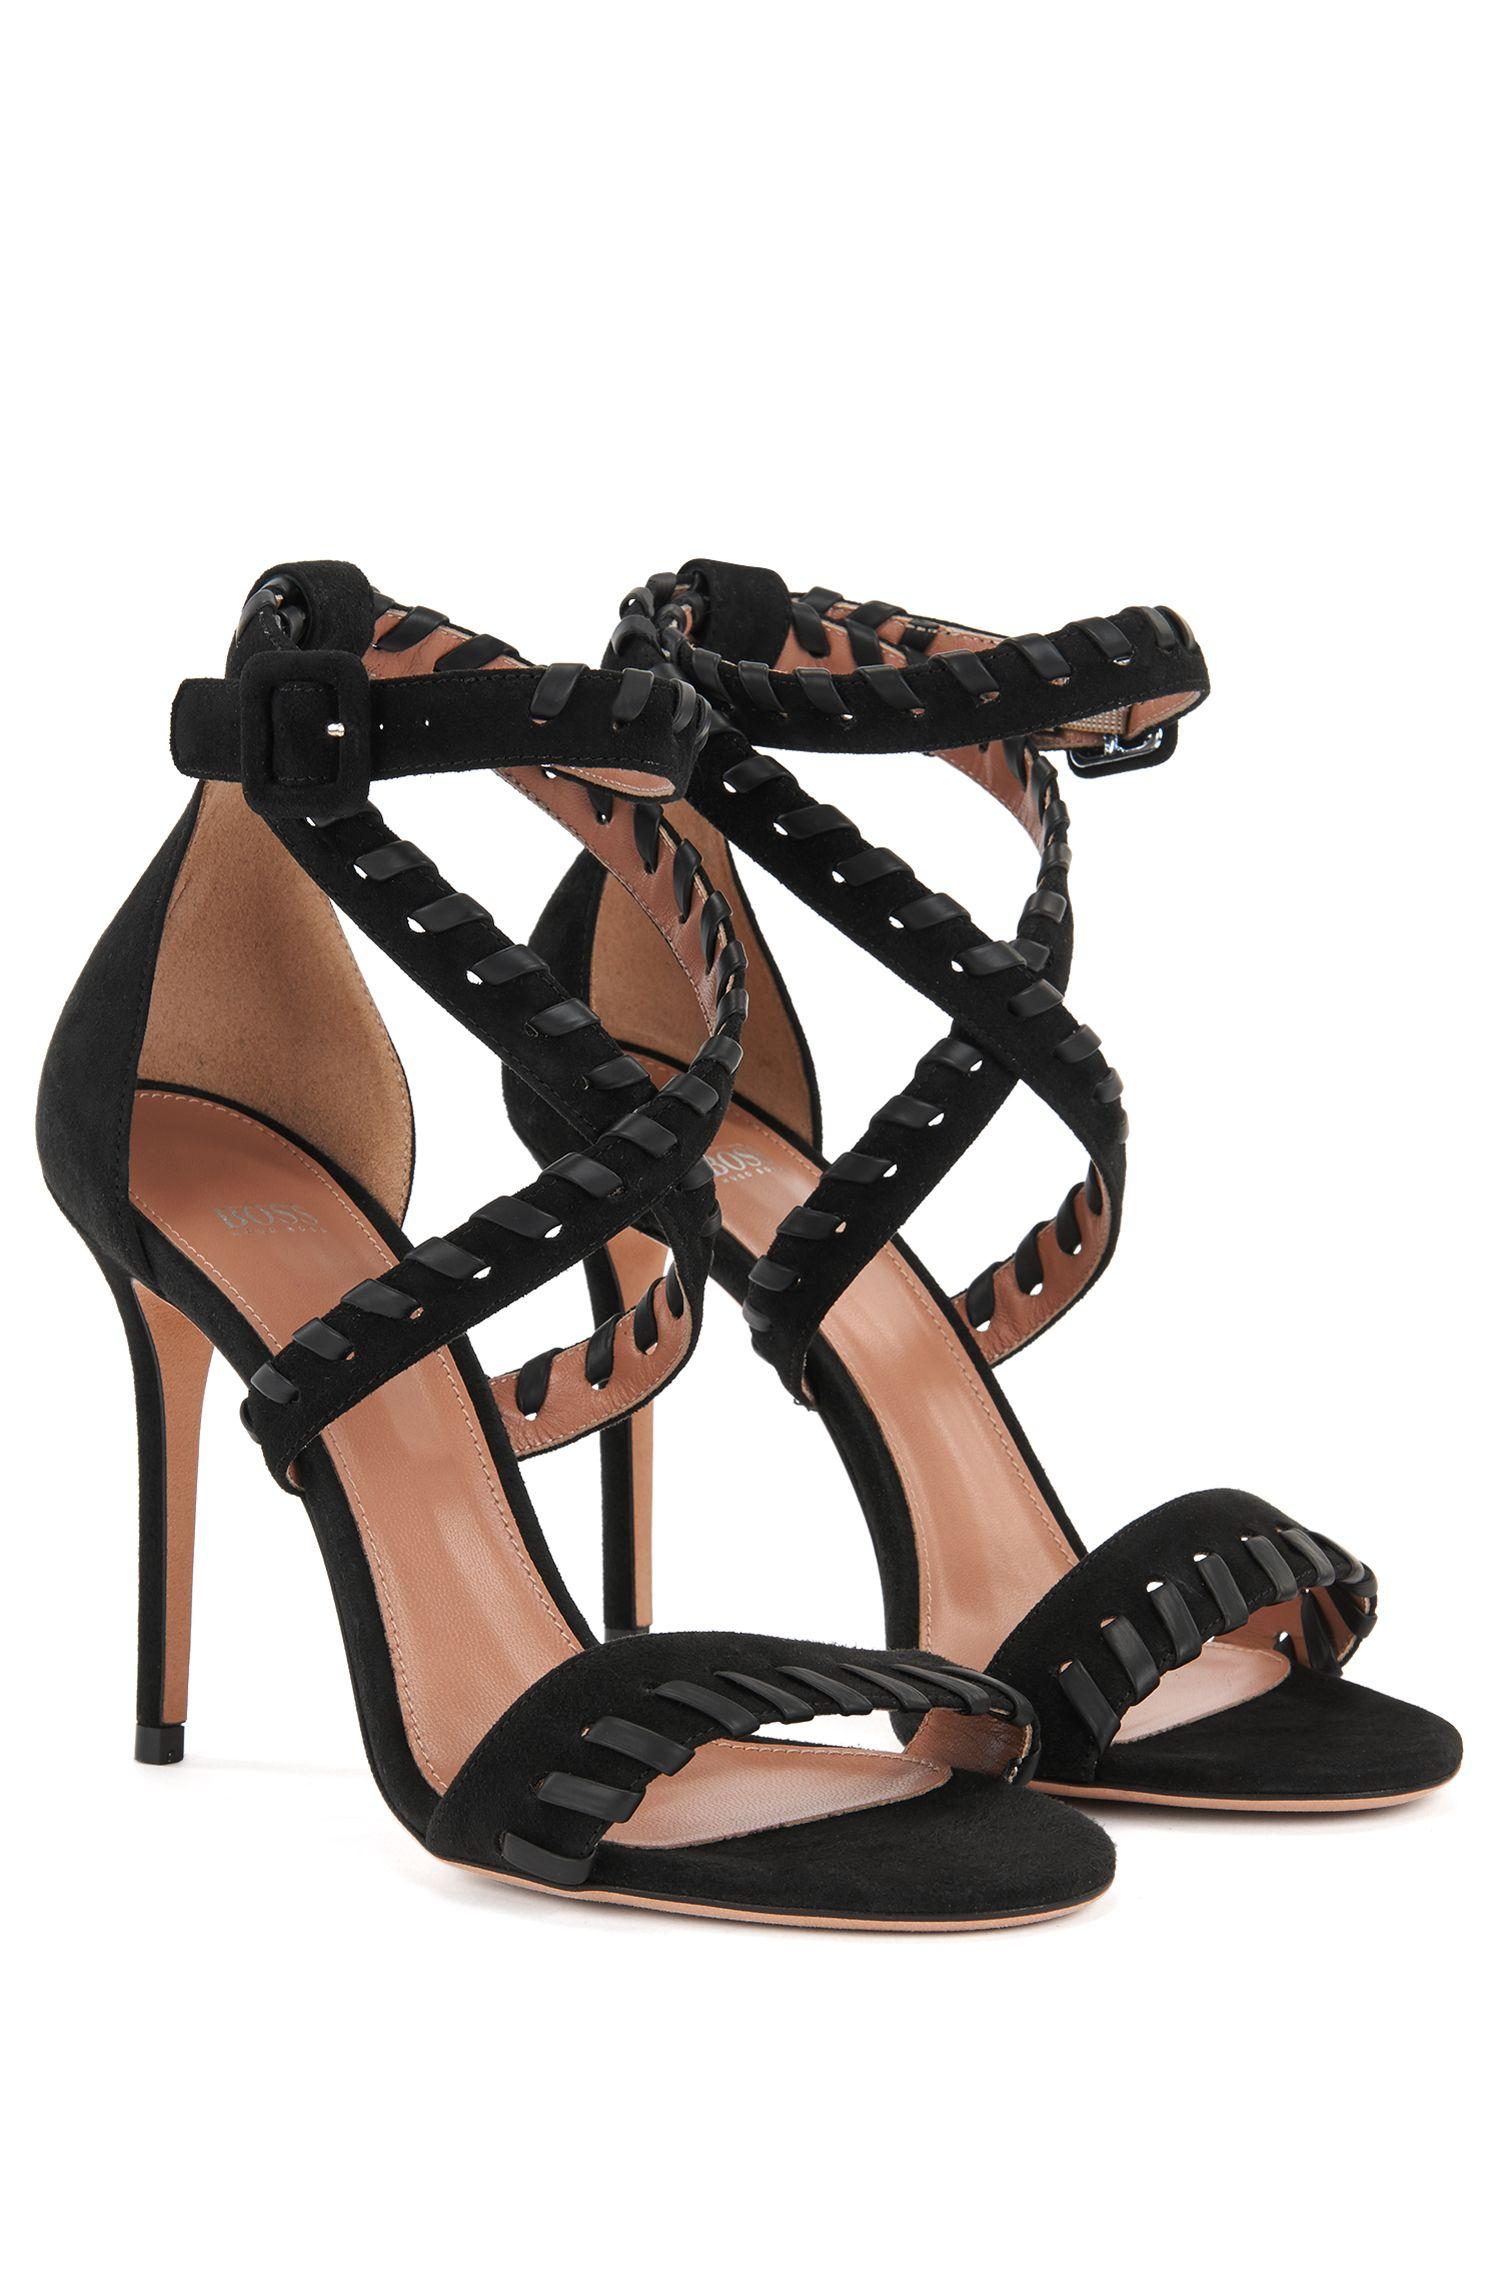 Sandales en daim avec détail en cuir en point roulé